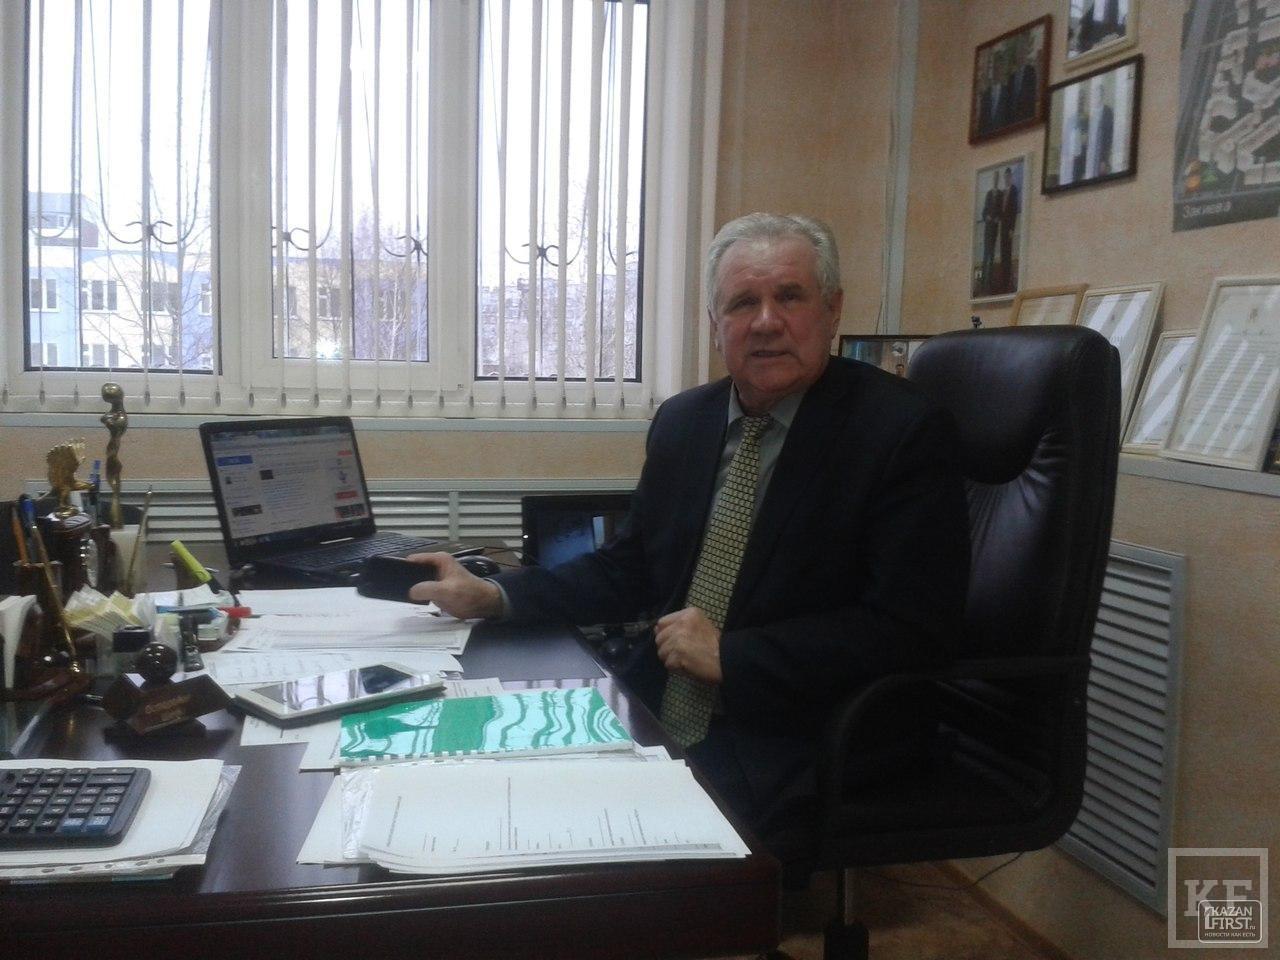 Экс-председатель правления ТСЖ «Азино-1»: «После того, что про меня тут написали, я сам принял решение уйти»